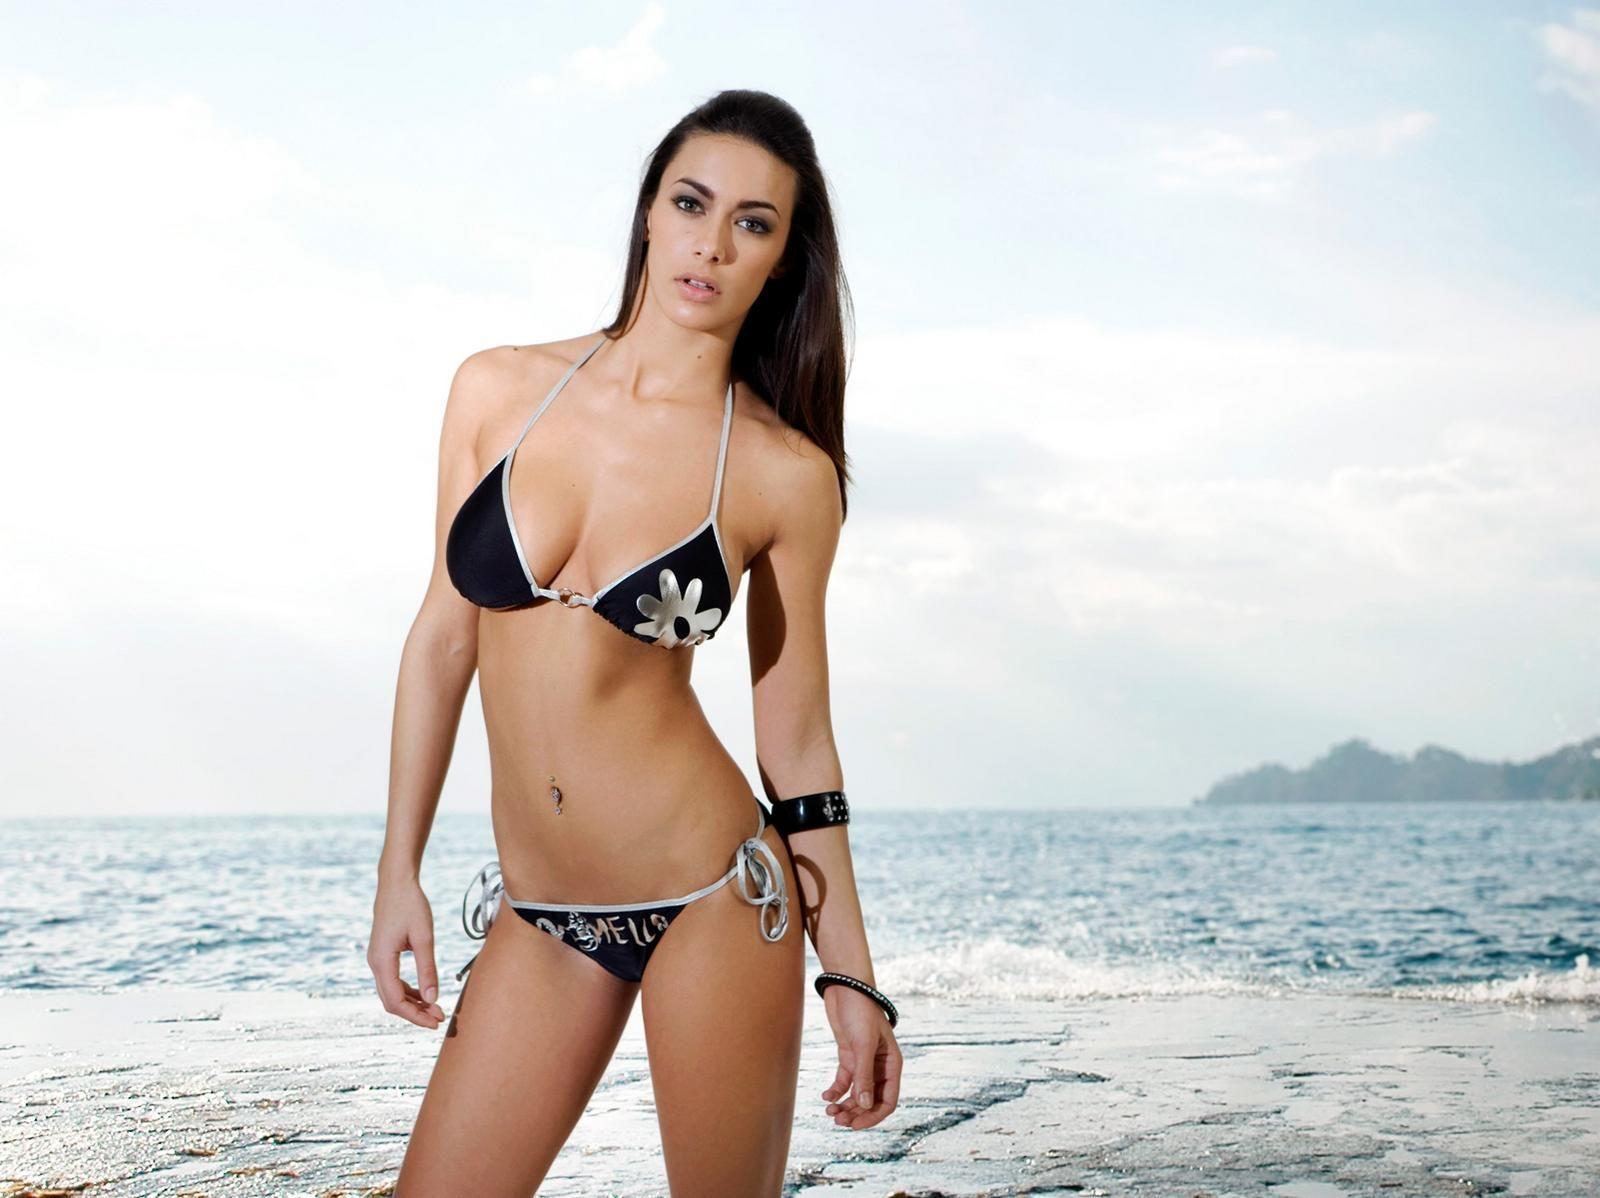 Italian Hotties Cool melita toniolo, italian hottie | hot & sexy | pinterest